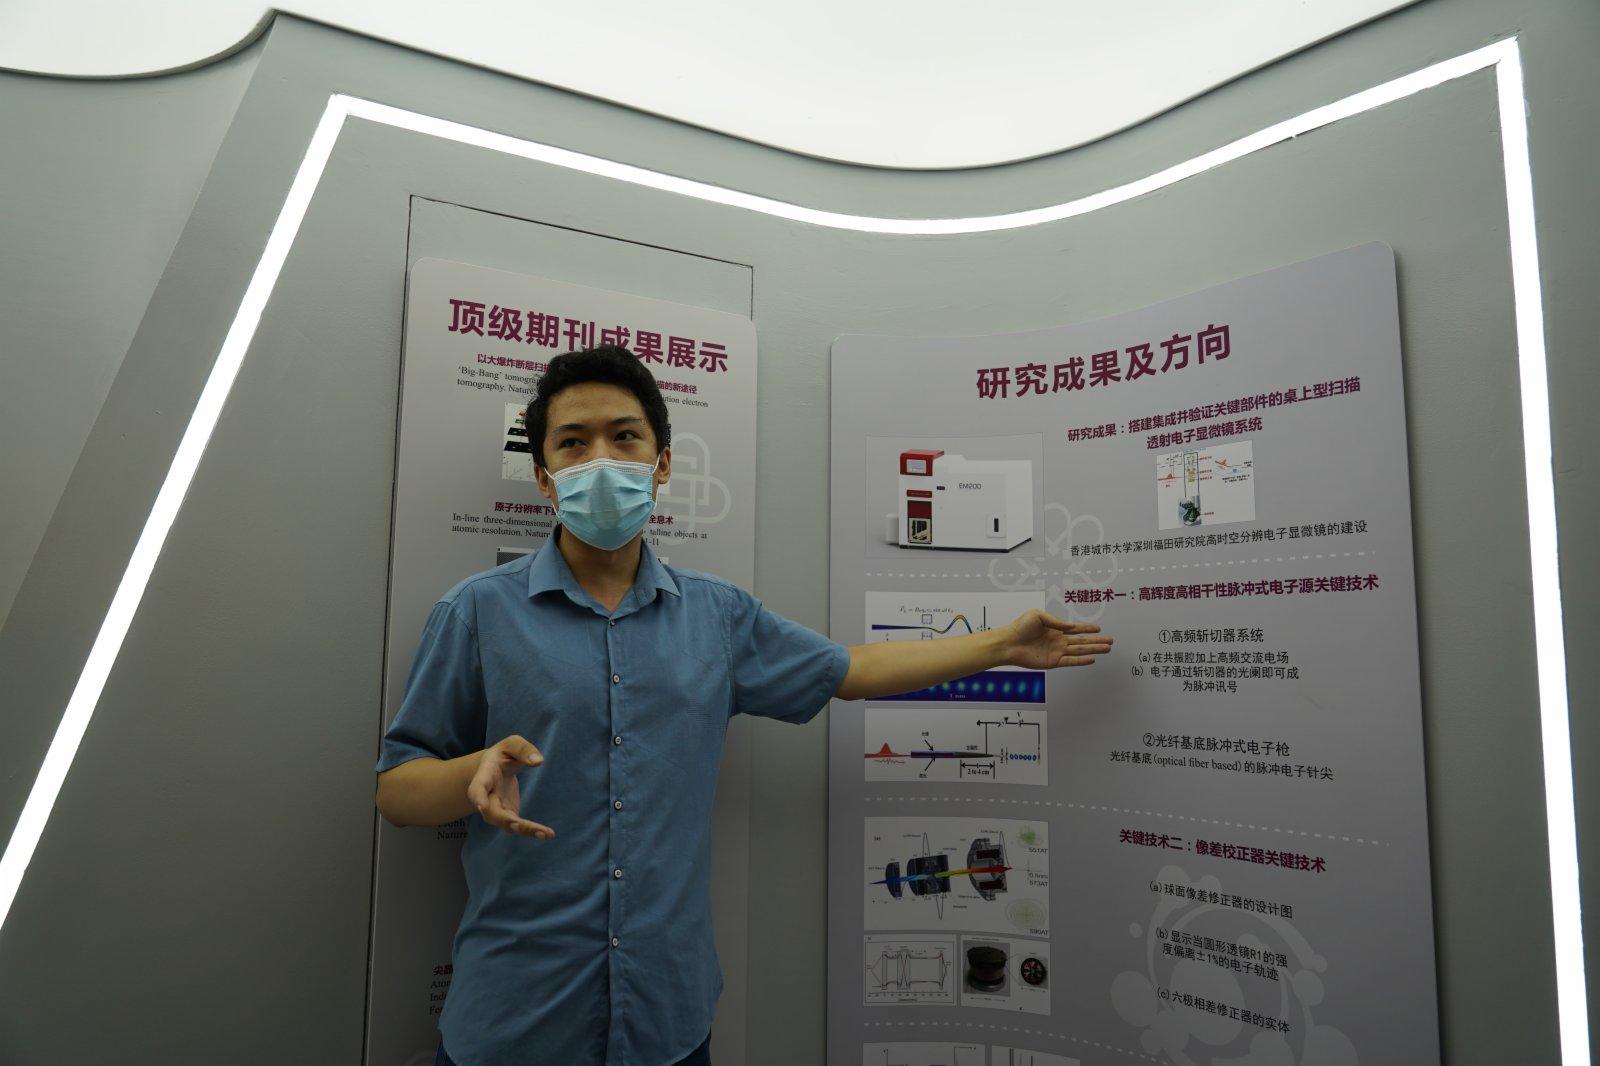 香港科技大學深港協同創新研究院微電子與微系統增材製造實驗室邱幸博士介紹實驗室。(胡永愛攝)